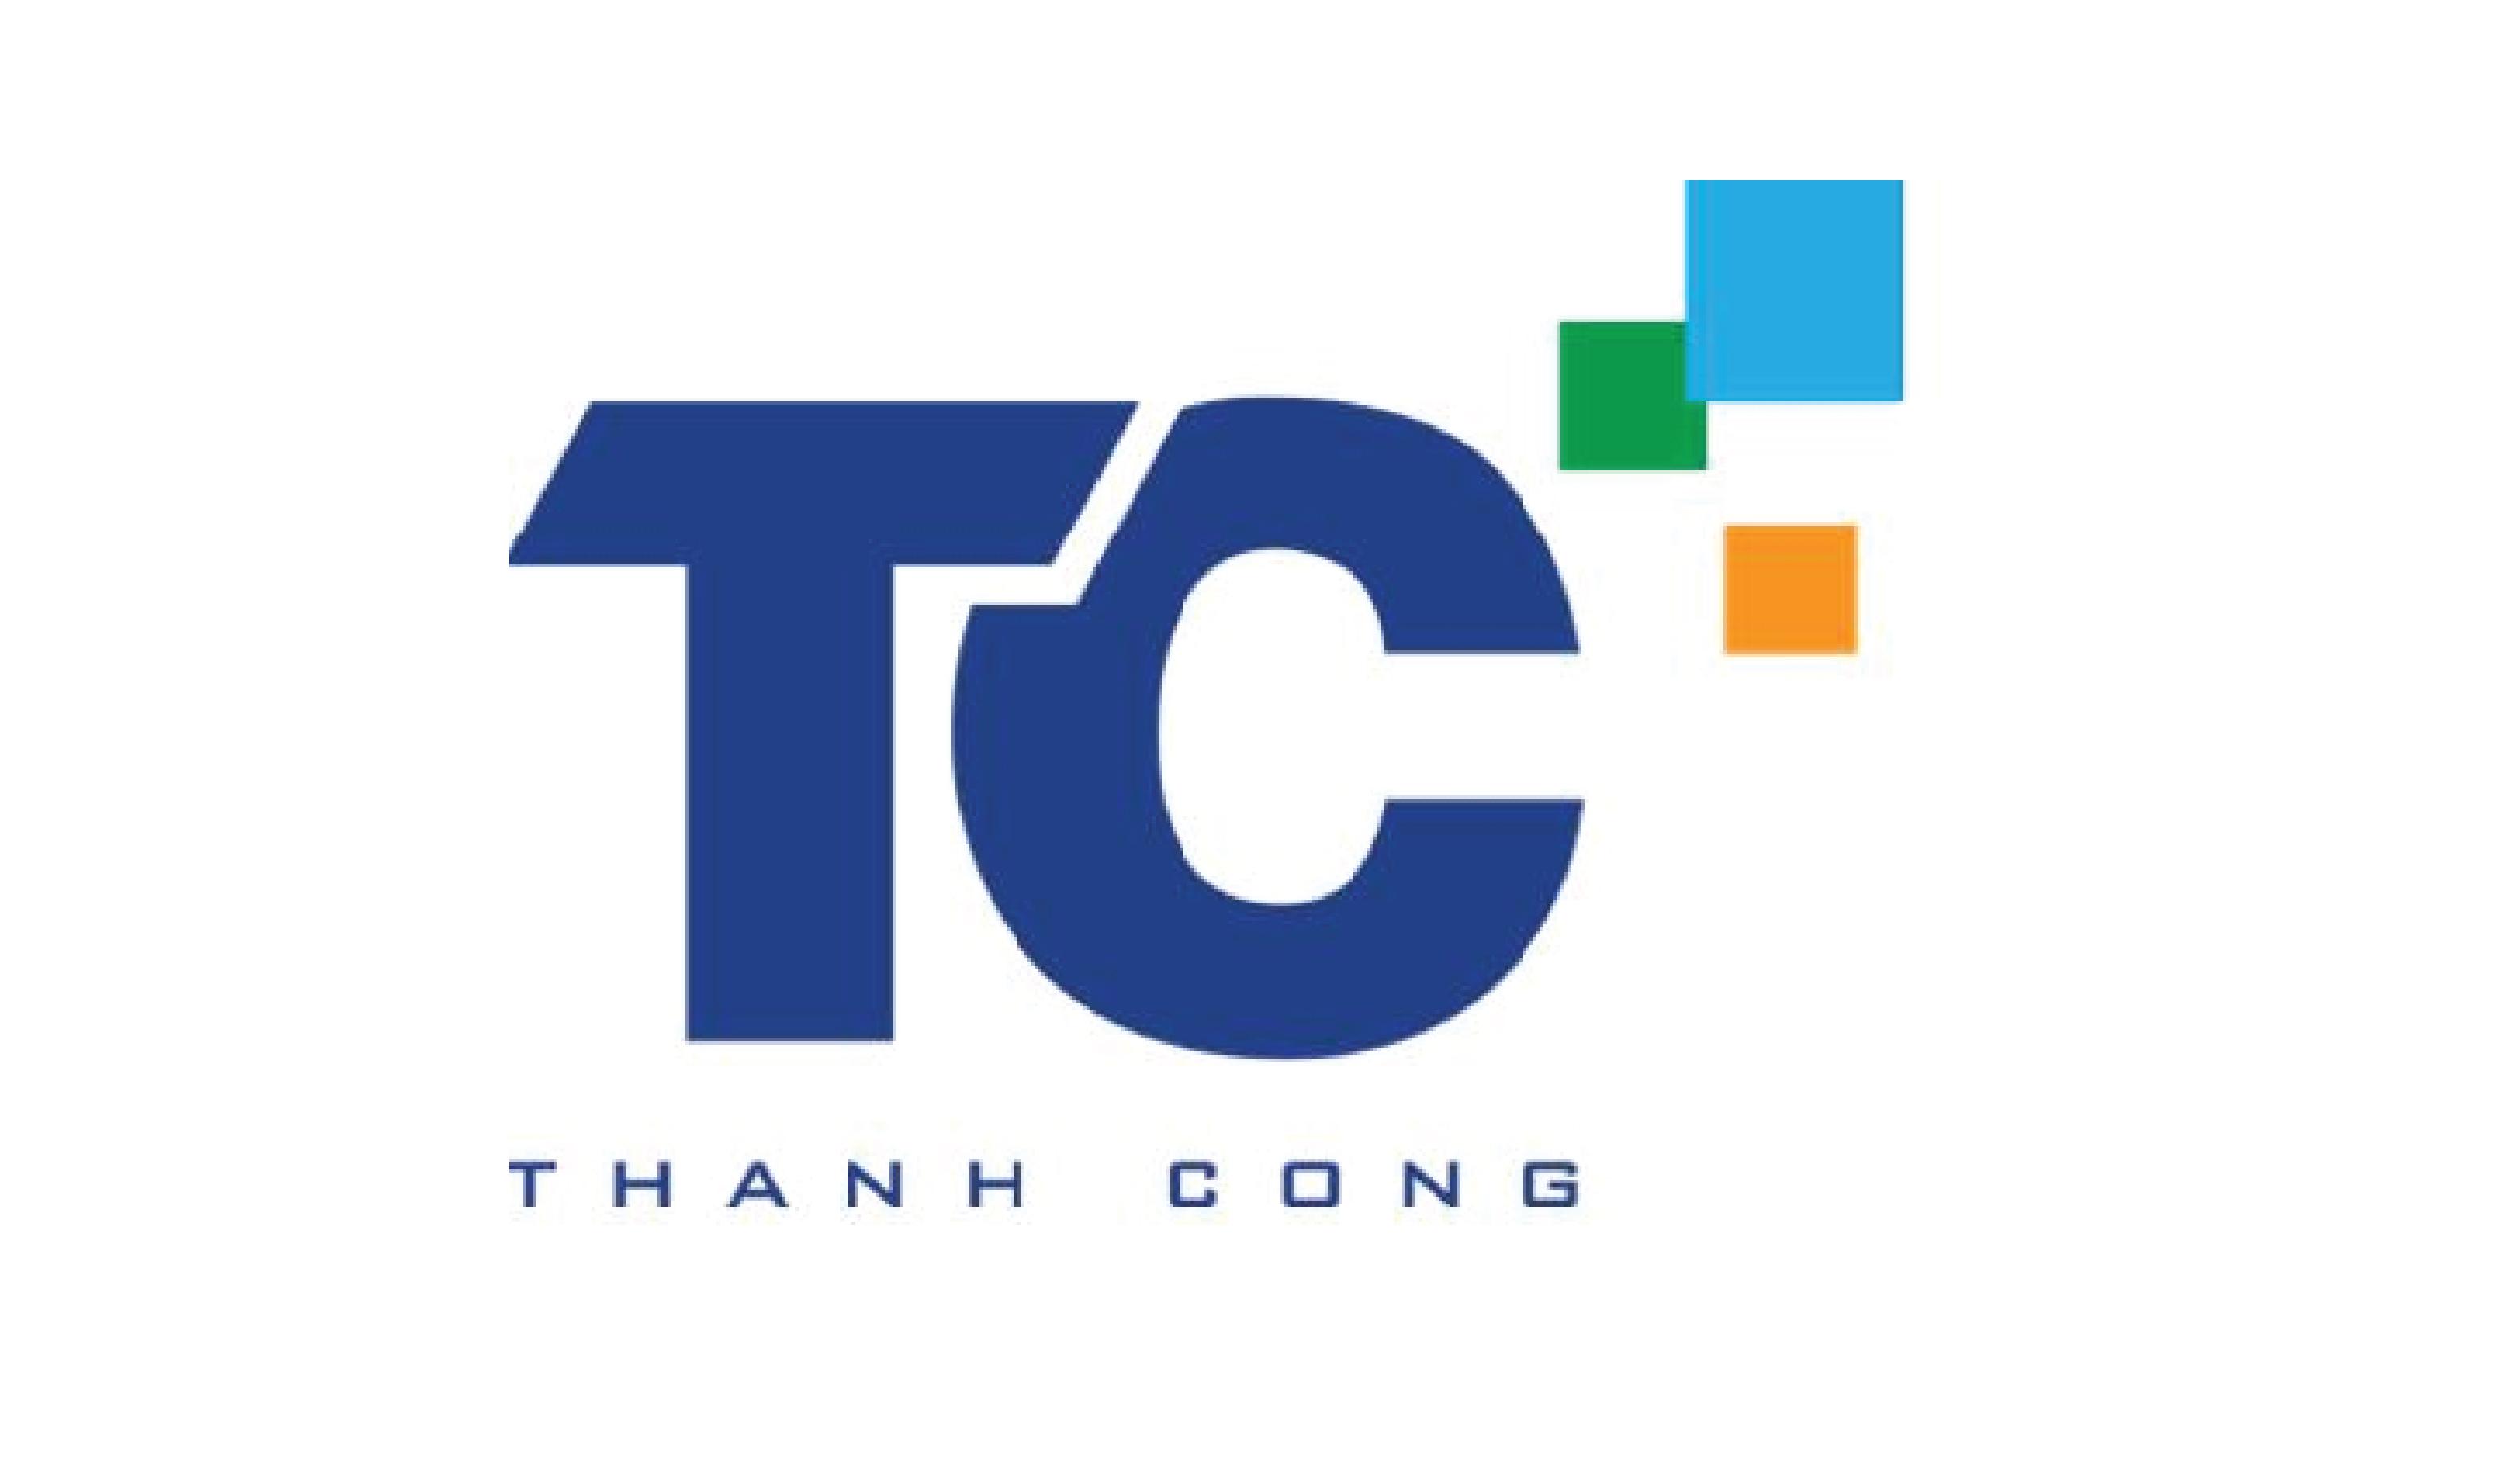 thanh cong tcm Công ty cổ phần dệt may thành công (tcm) được biết đến là một trong những công ty hàng đầu vn trong hoạt động sản xuất và kinh doanh các sản phẩm sợi, vải dệt, xơ sợi, dệt, nhuộm, may, nguyên phụ liệu dệt may thị trường chủ yếu.